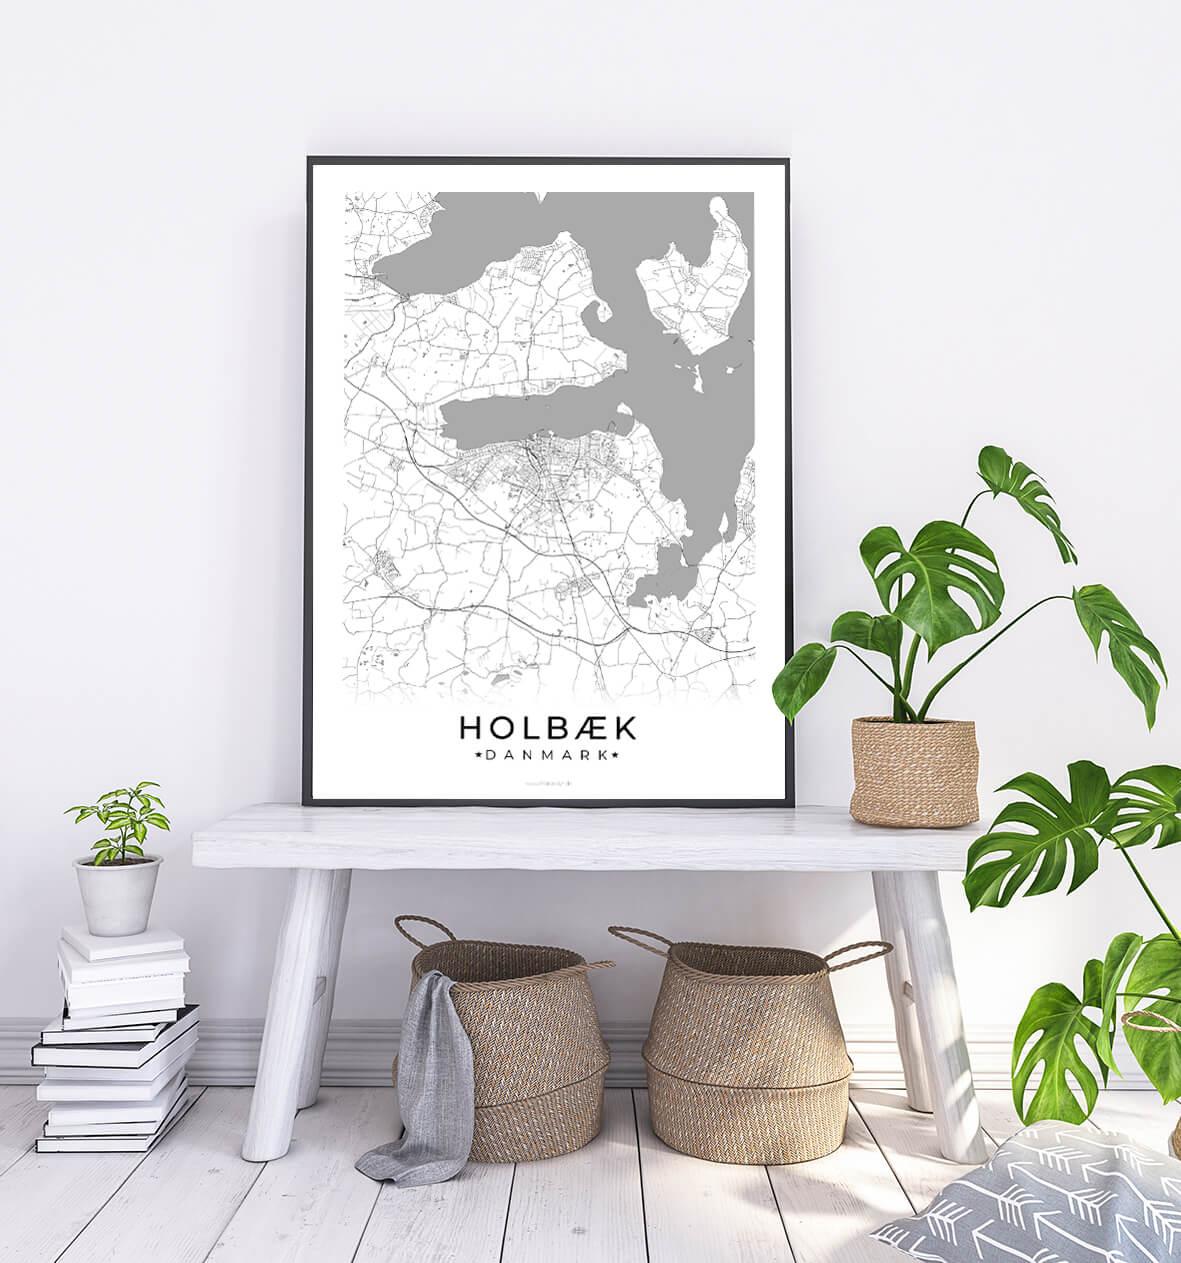 Holbaek-hvid-byplakat-1